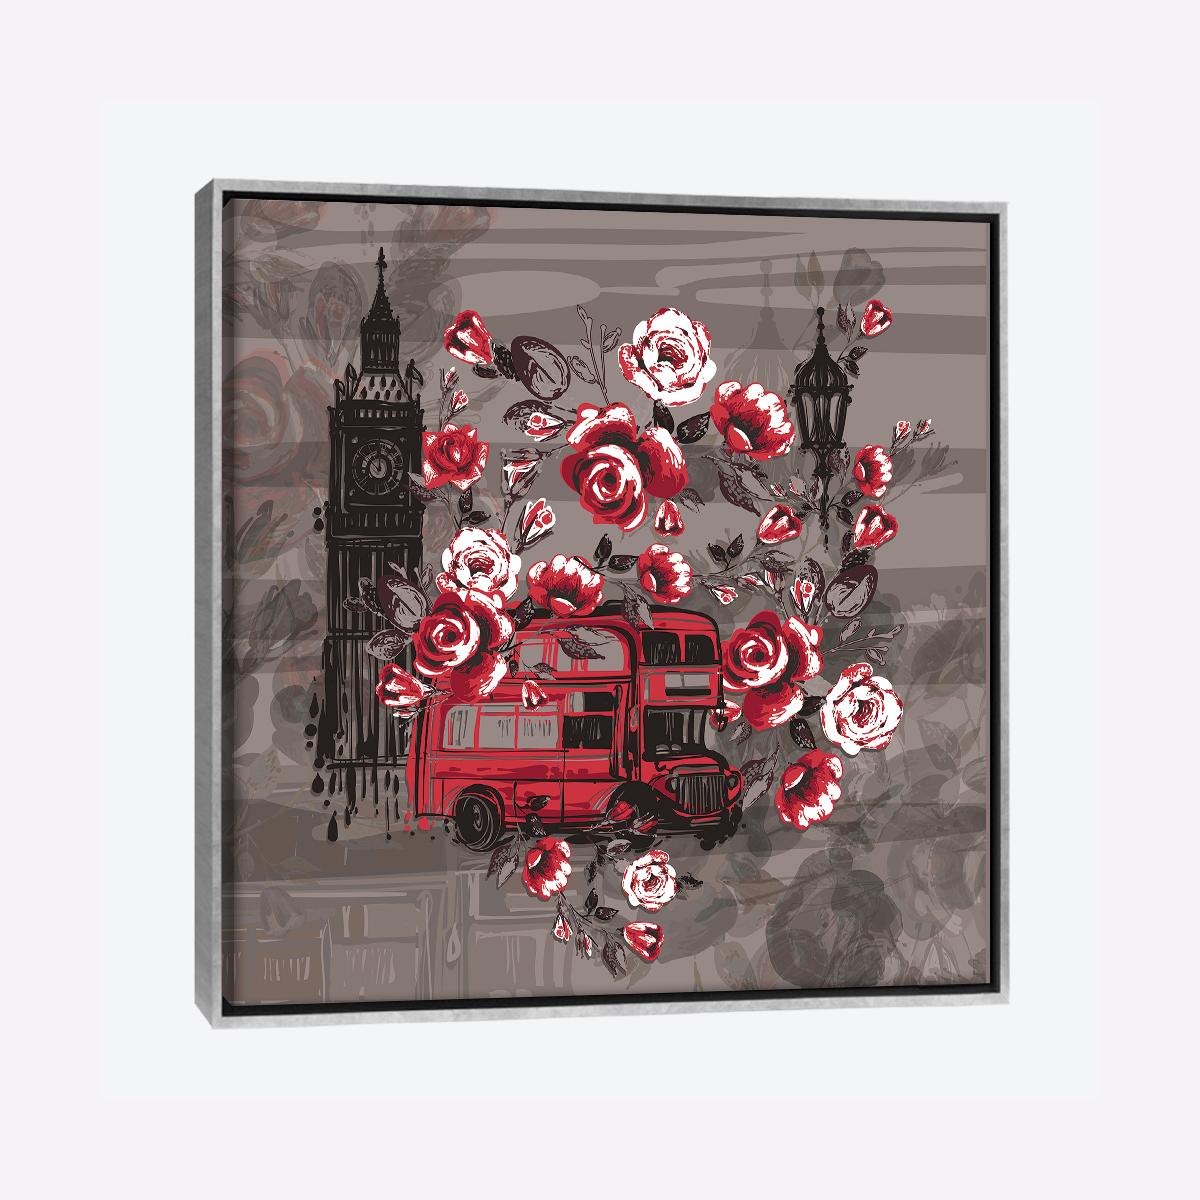 لوحات جدارية - معالم من لندن مع الورود باللون الأحمر والاسود - لوحات جدارية - كانفسي - لوحة فنية جدارية مدن عالمية بالألوان الجذابة التي تعطي طاقة حيوية وتفاؤل تتناسب مع جميع أثاثكم شاهد المزيد في متجر كانفسي